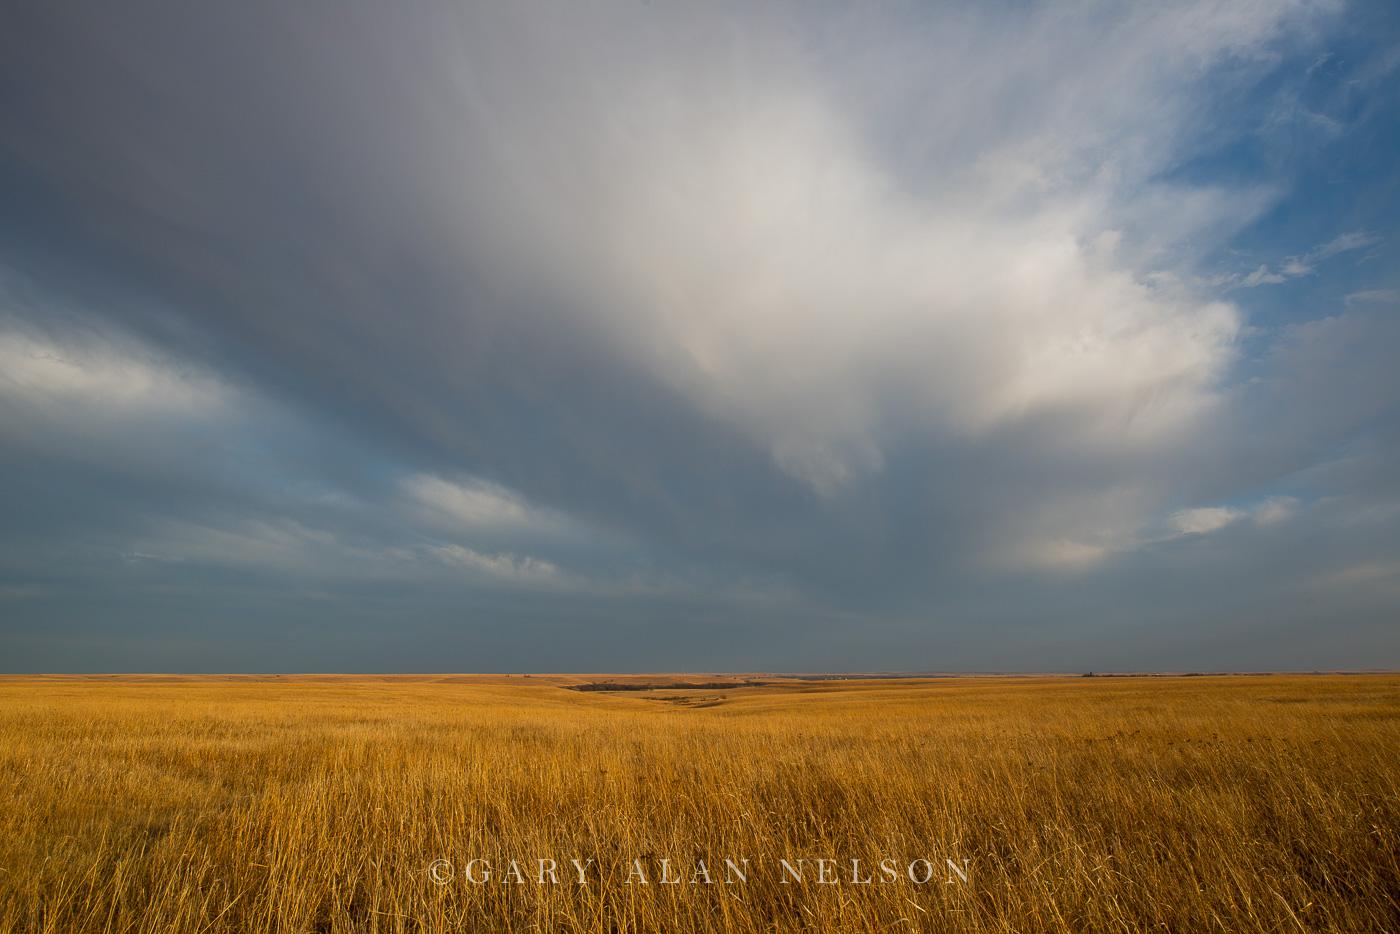 tallgrass prairie, flint hills, kansas, clouds, photo